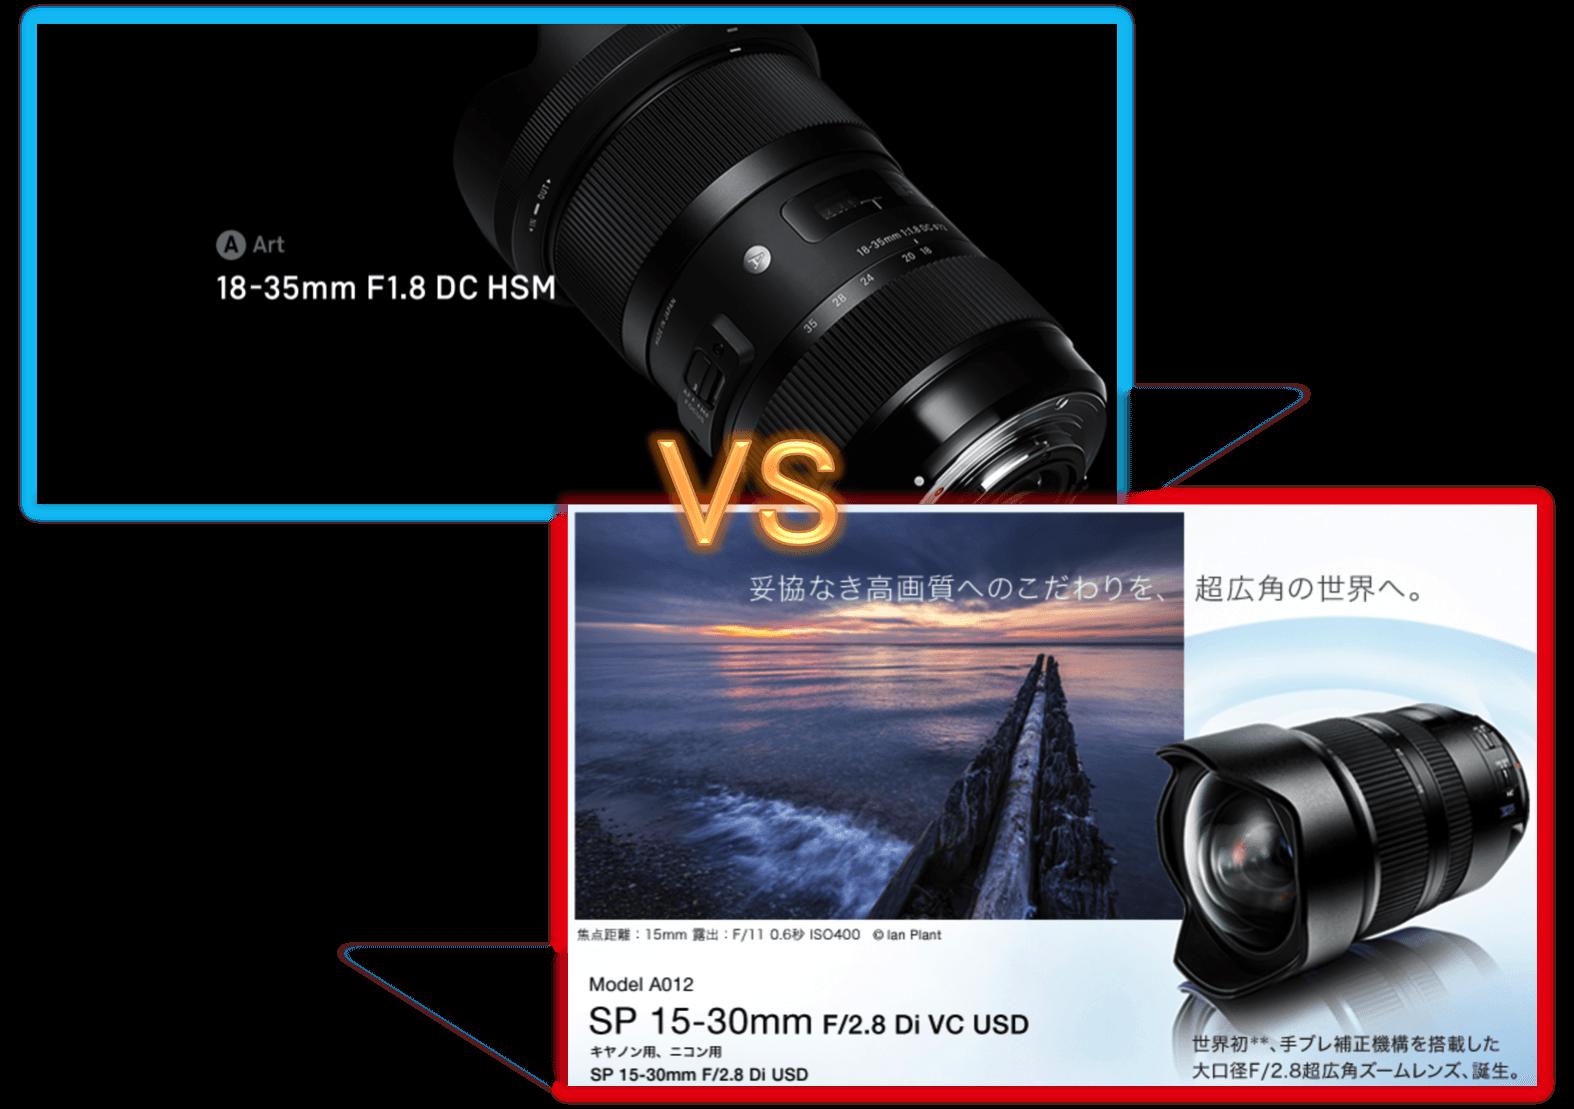 タムロン15-30mm VS シグマ18-35mm。両レンズ購入前の3つの検討ポイント